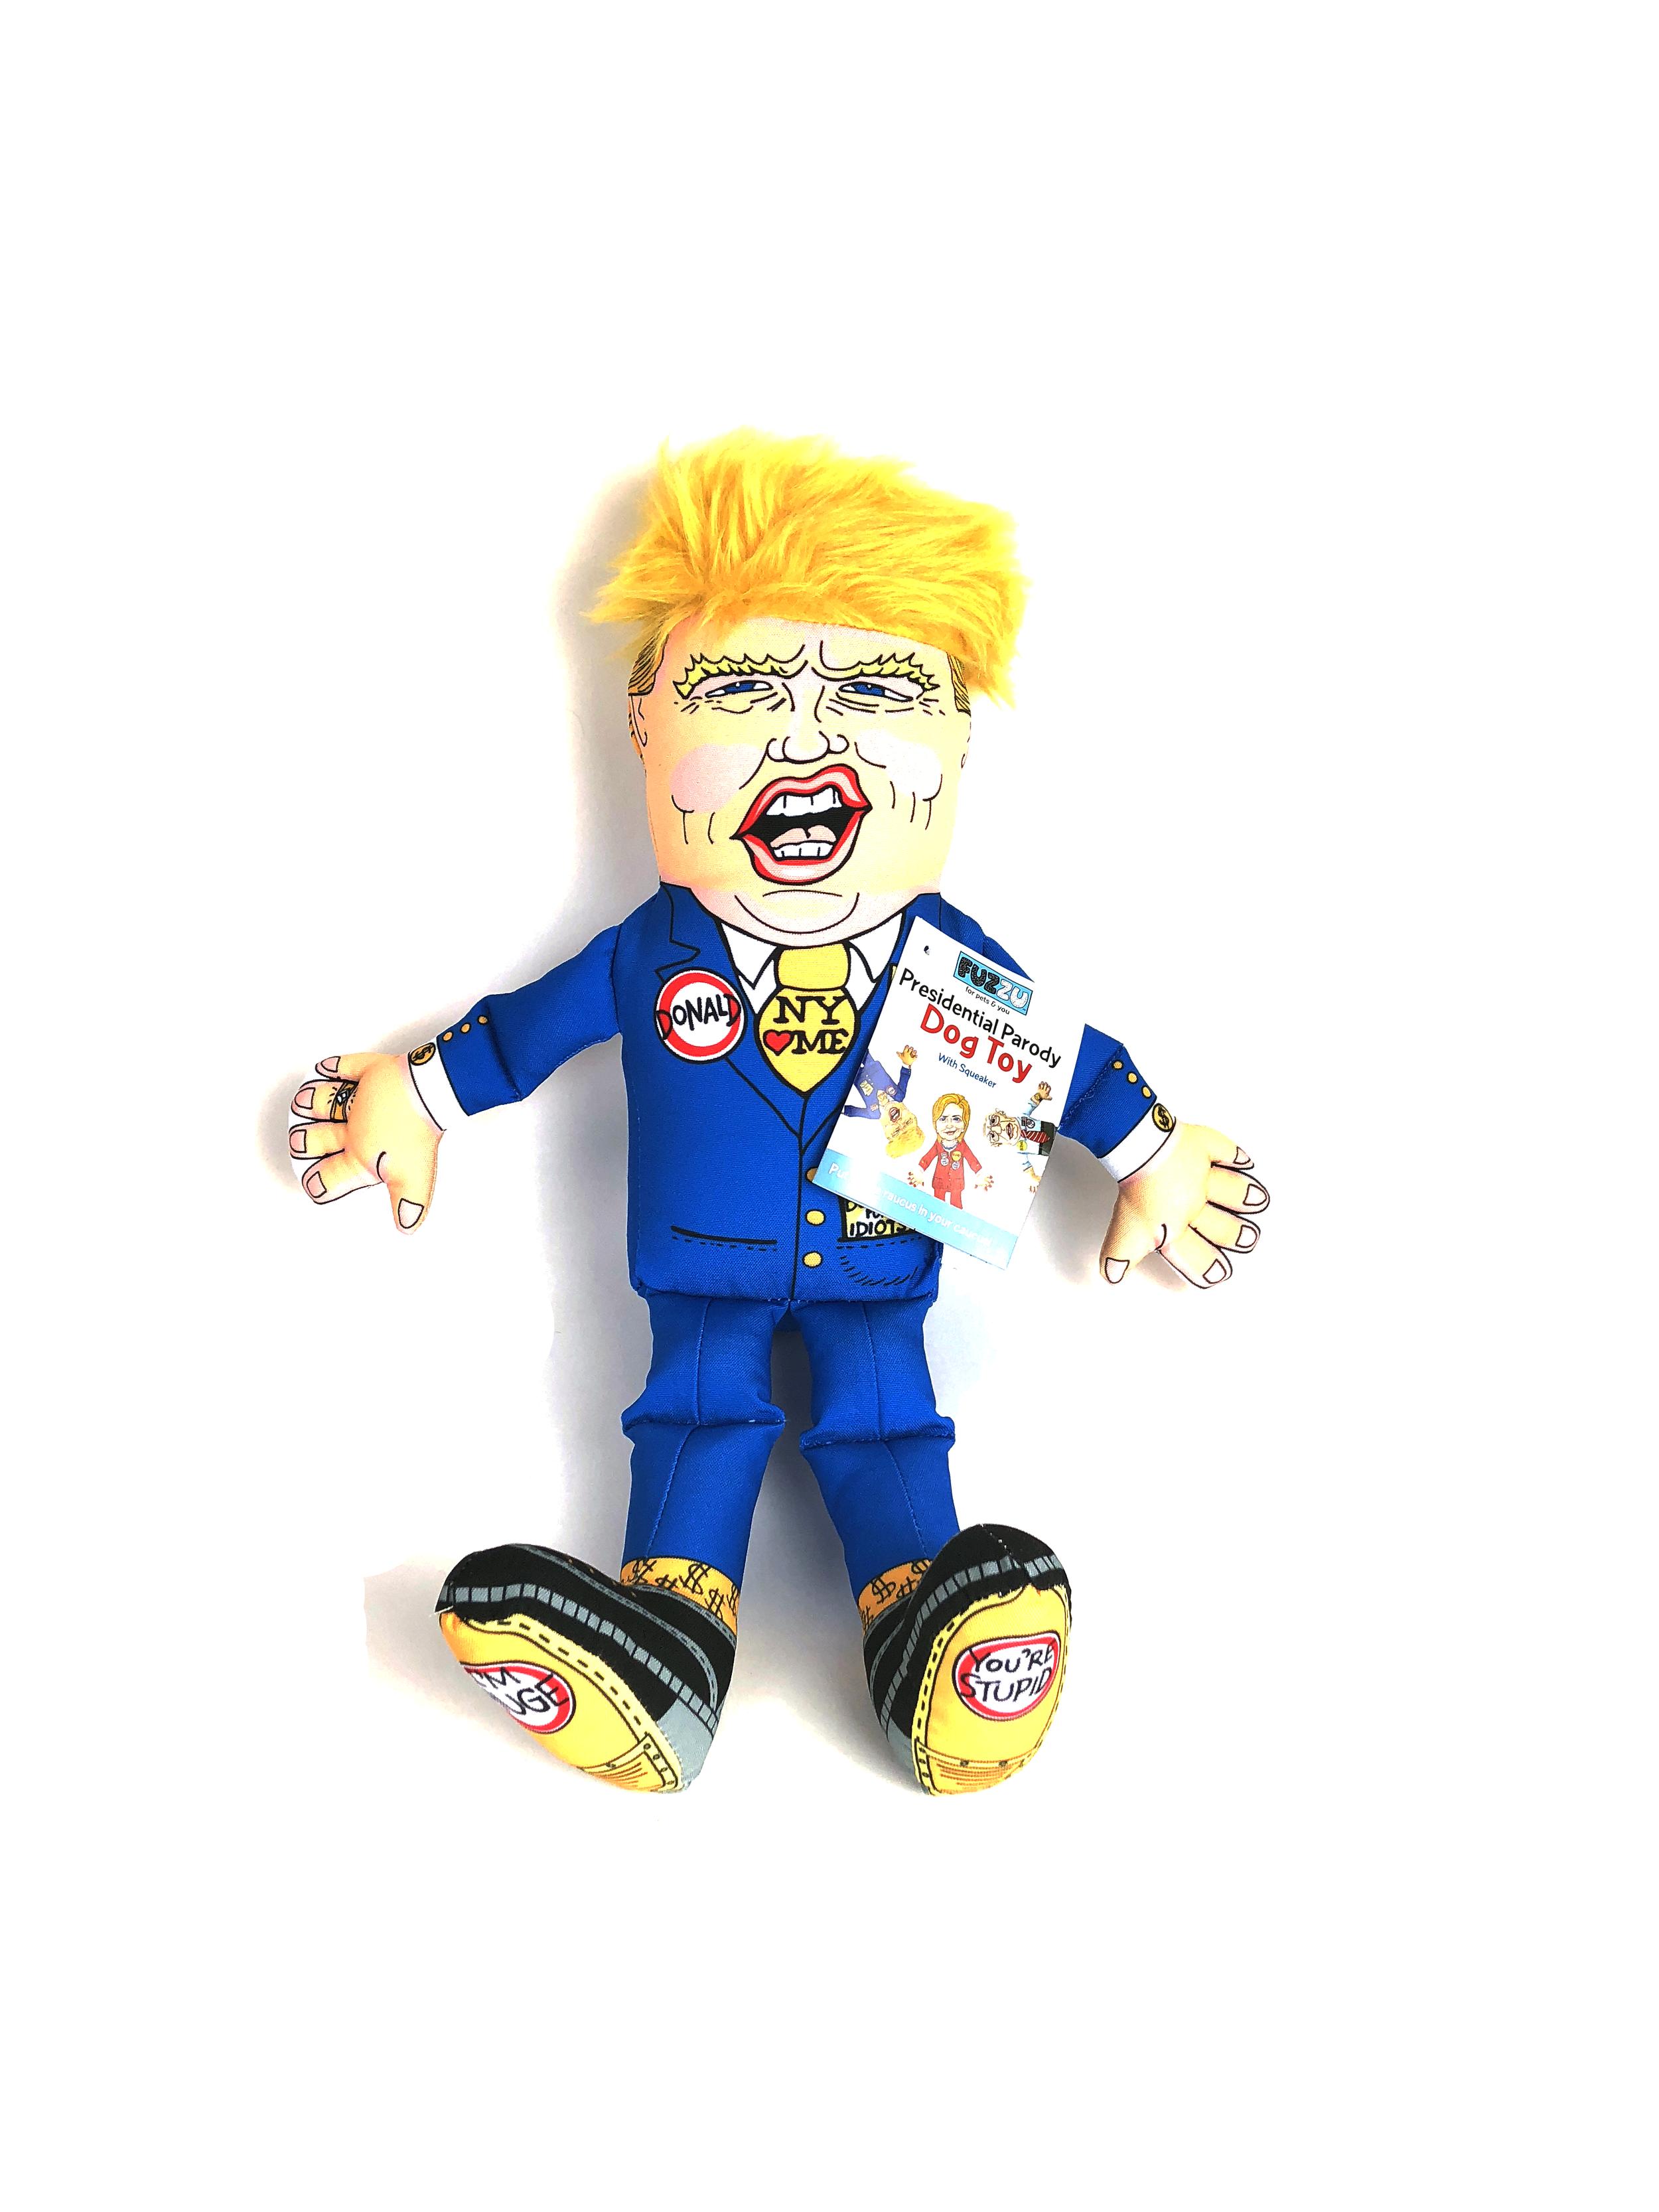 Presidential Parody dog toy Donald Trump by Fuzzu.